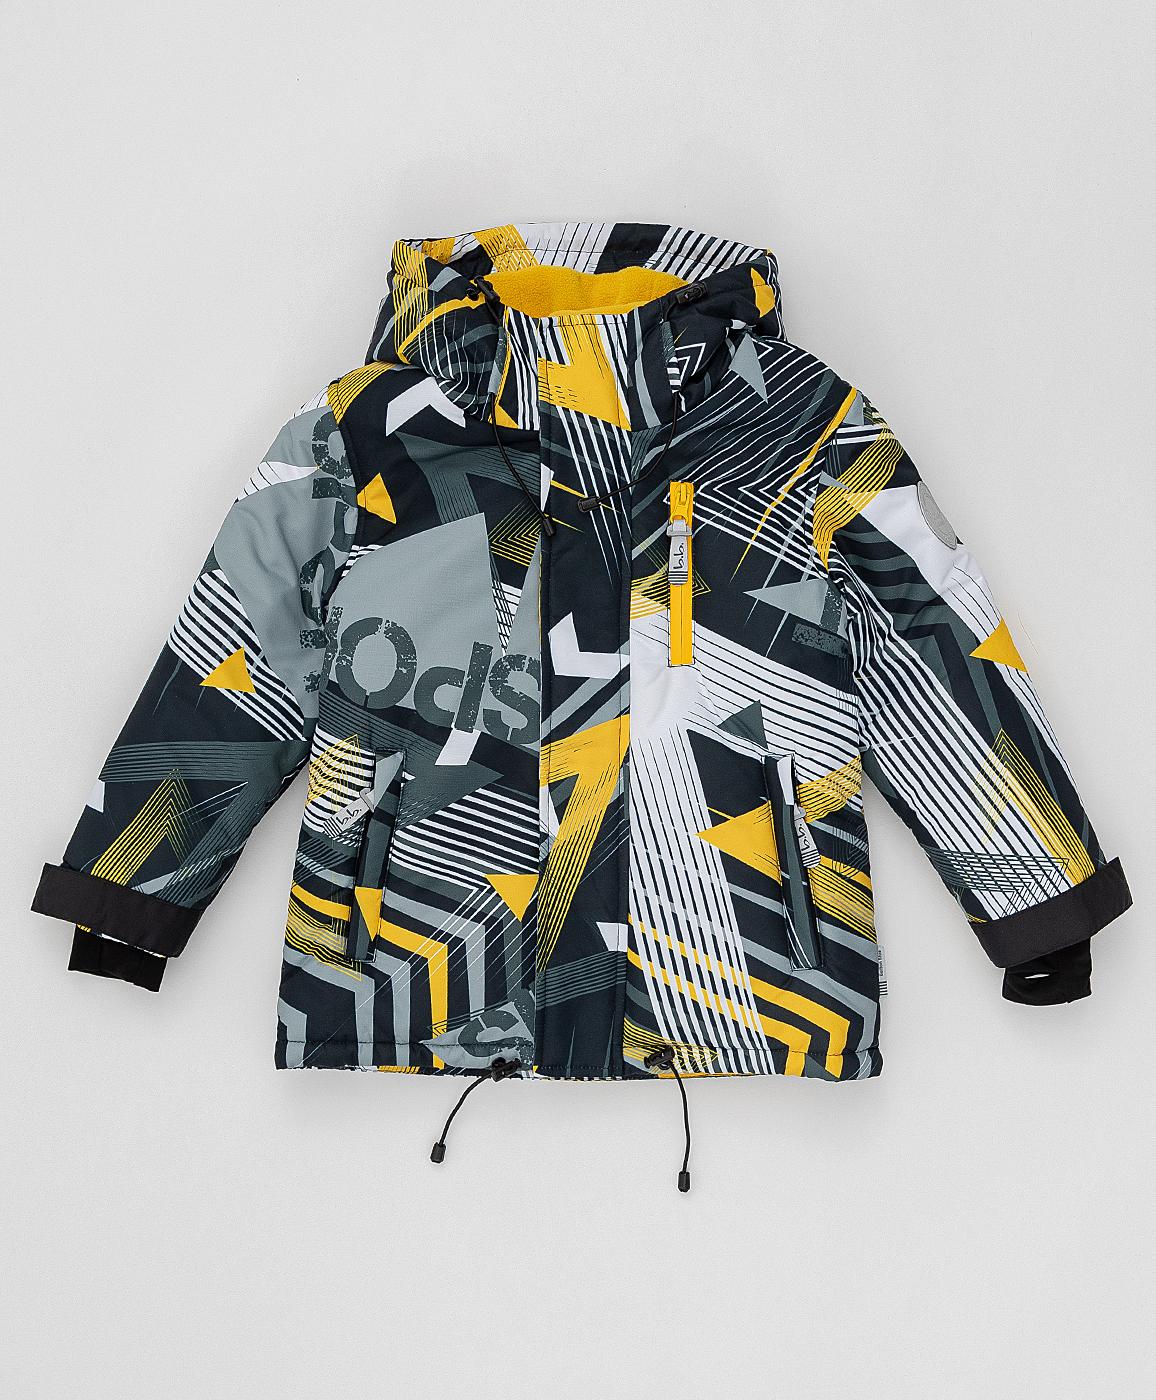 Купить 220BBBA41010813, Демисезонная куртка Active Button Blue, черный, 128, Мембрана, Мужской, ОСЕНЬ/ЗИМА 2020-2021 (shop: GulliverMarket Gulliver Market)